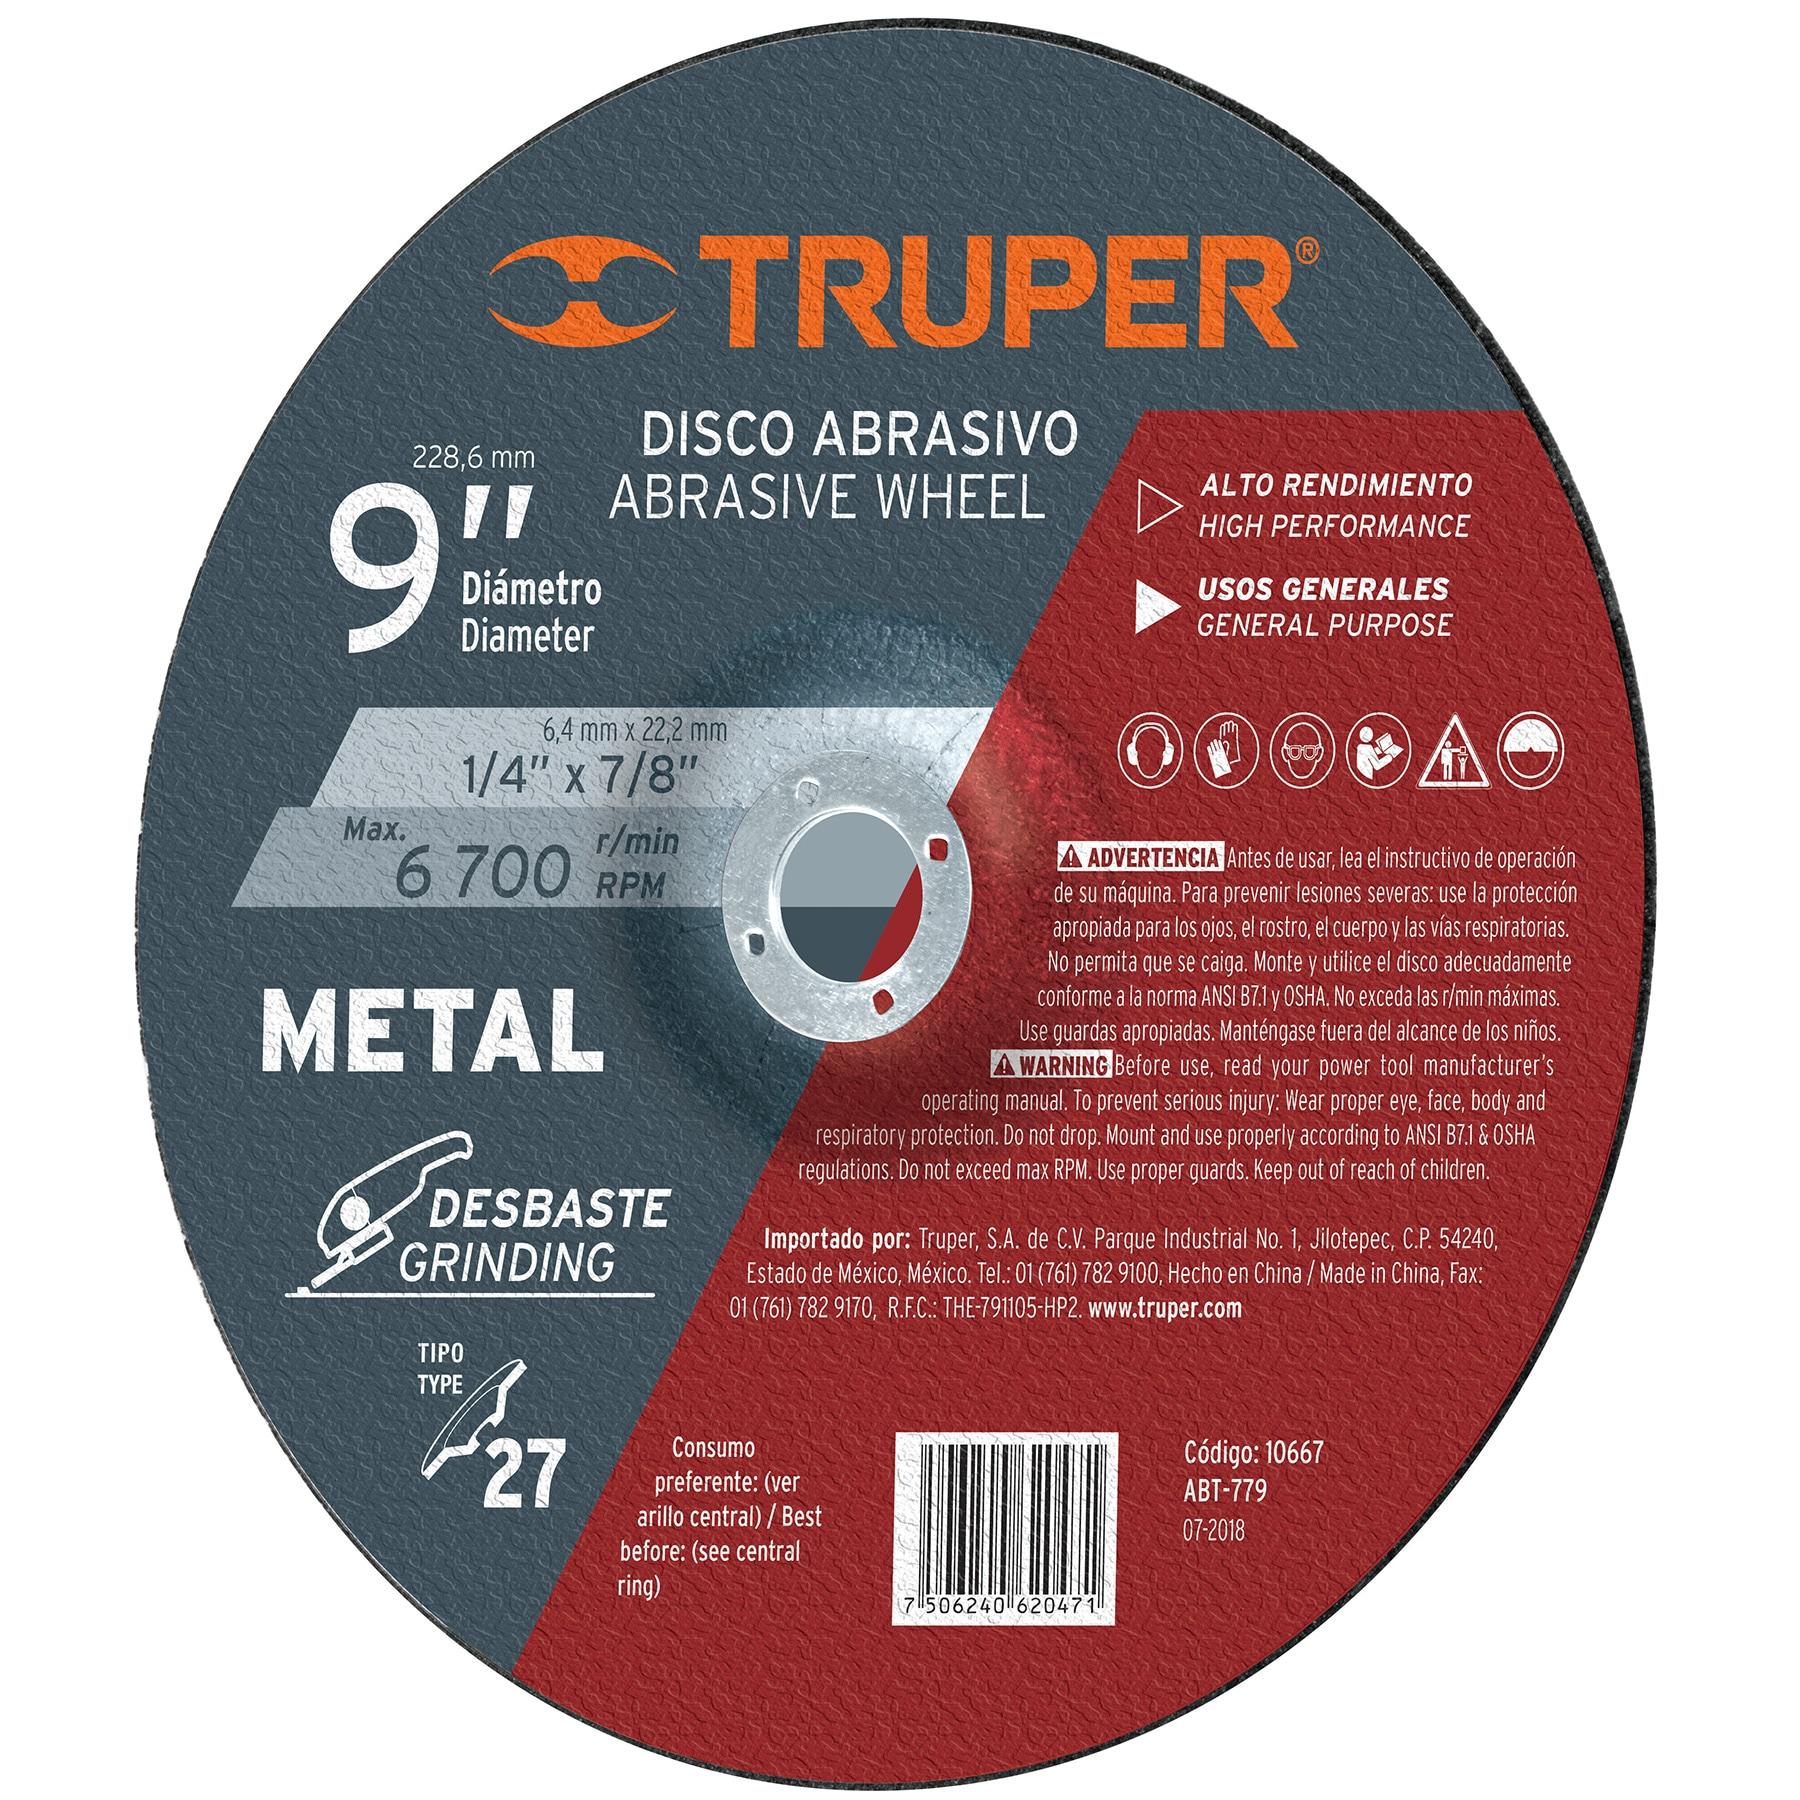 Disco para desbaste de metal, tipo 27, diámetro 9'